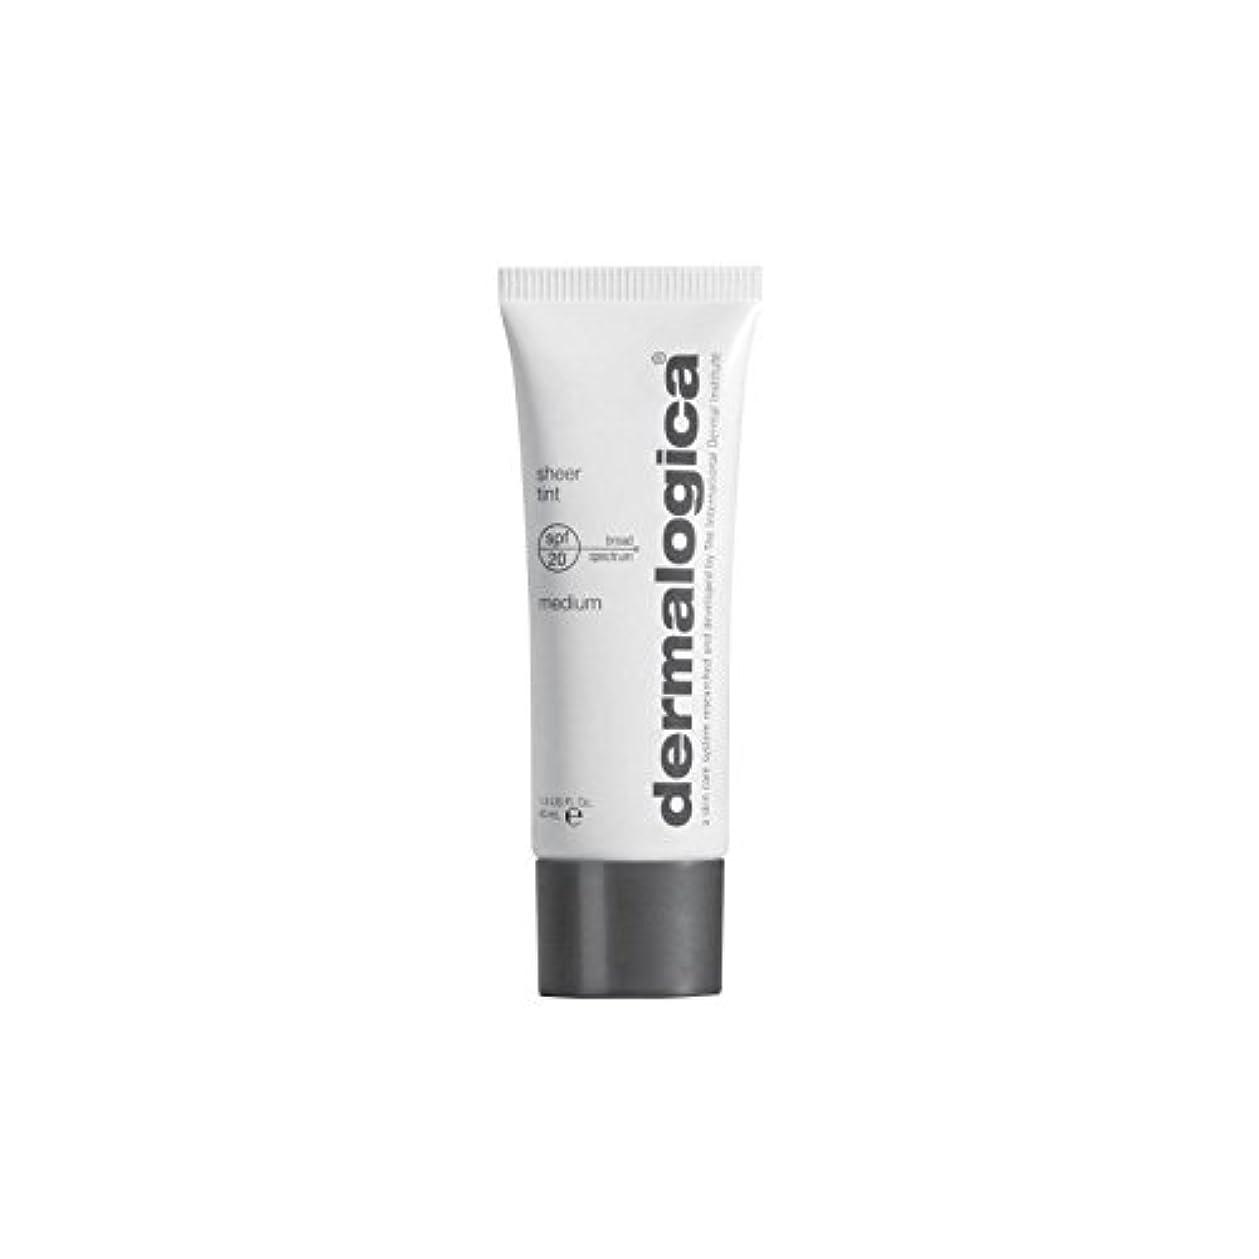 ギャラントリーレンダー代理店Dermalogica Sheer Tint Spf 20- Medium (Pack of 6) - ダーマロジカシアーティント 20-メディア x6 [並行輸入品]